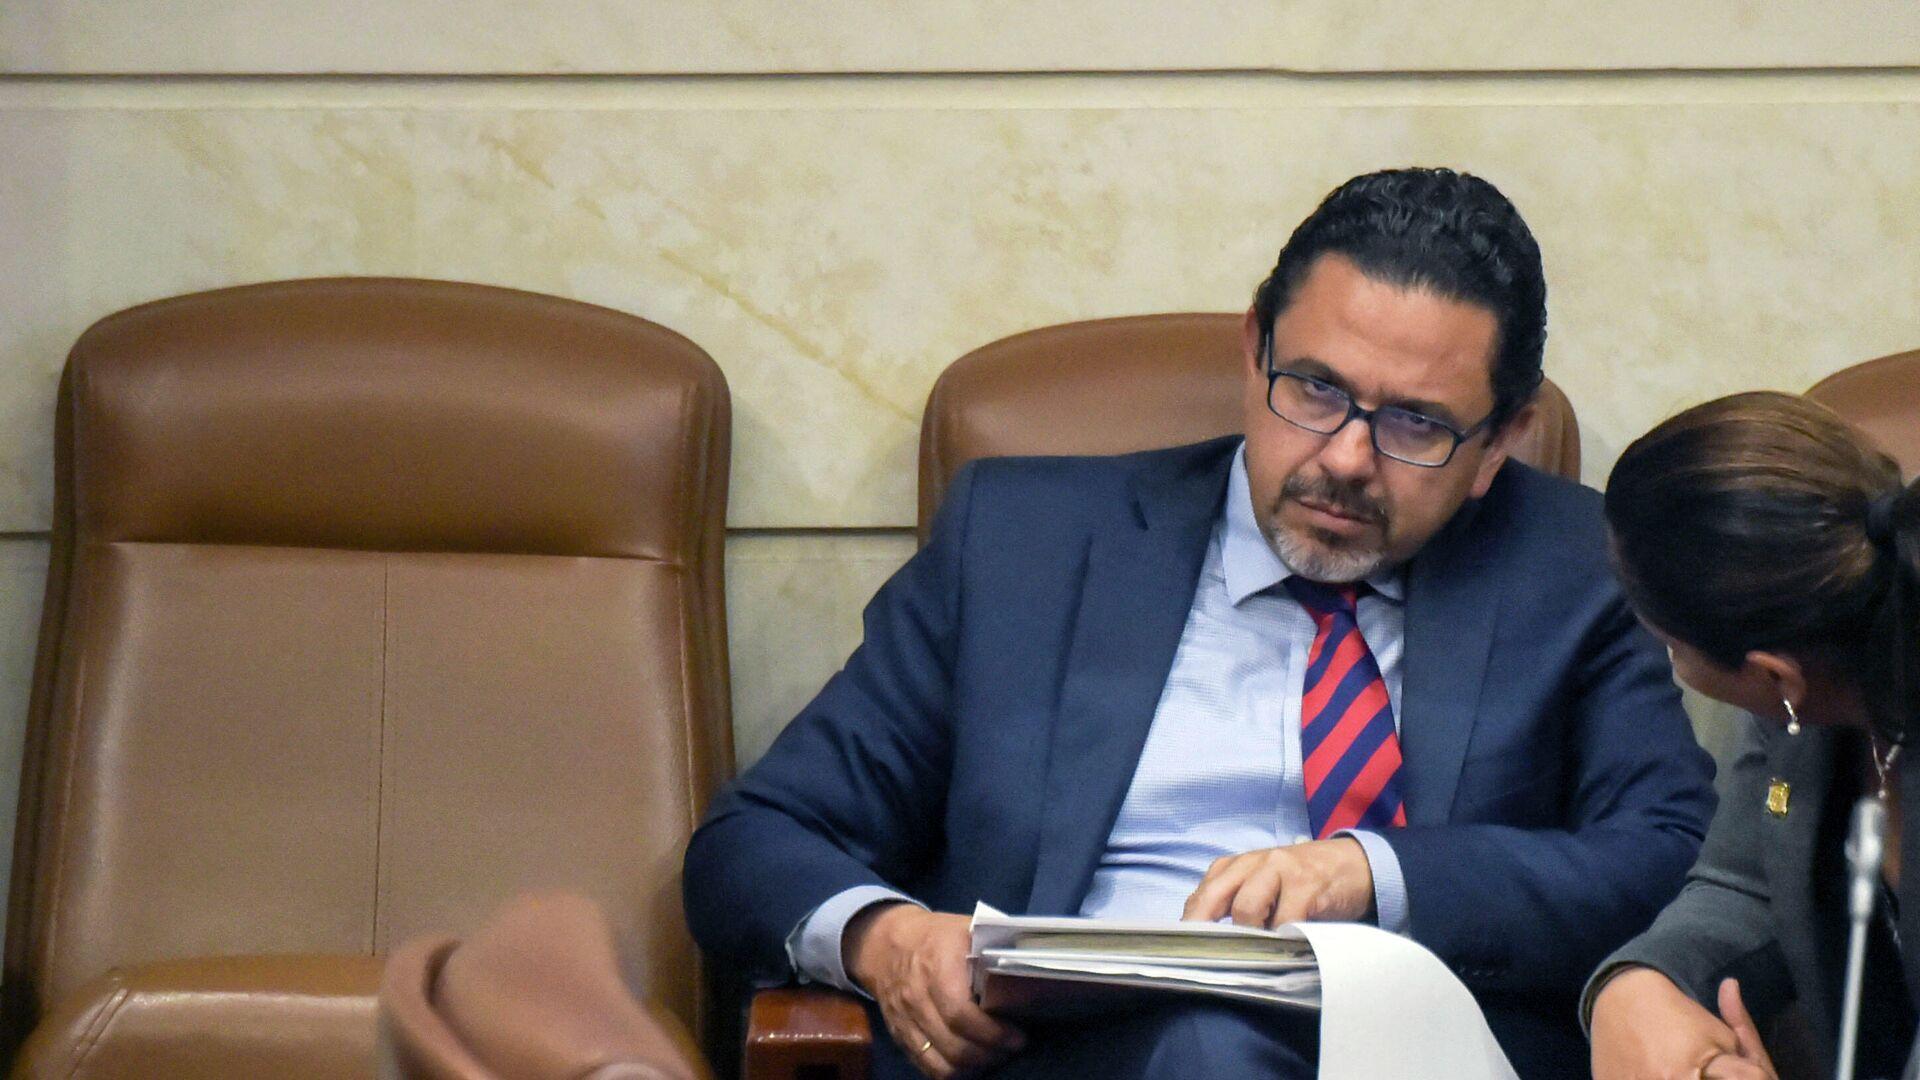 Miguel Ceballos, ex alto comisionado para la paz de Colombia - Sputnik Mundo, 1920, 26.05.2021